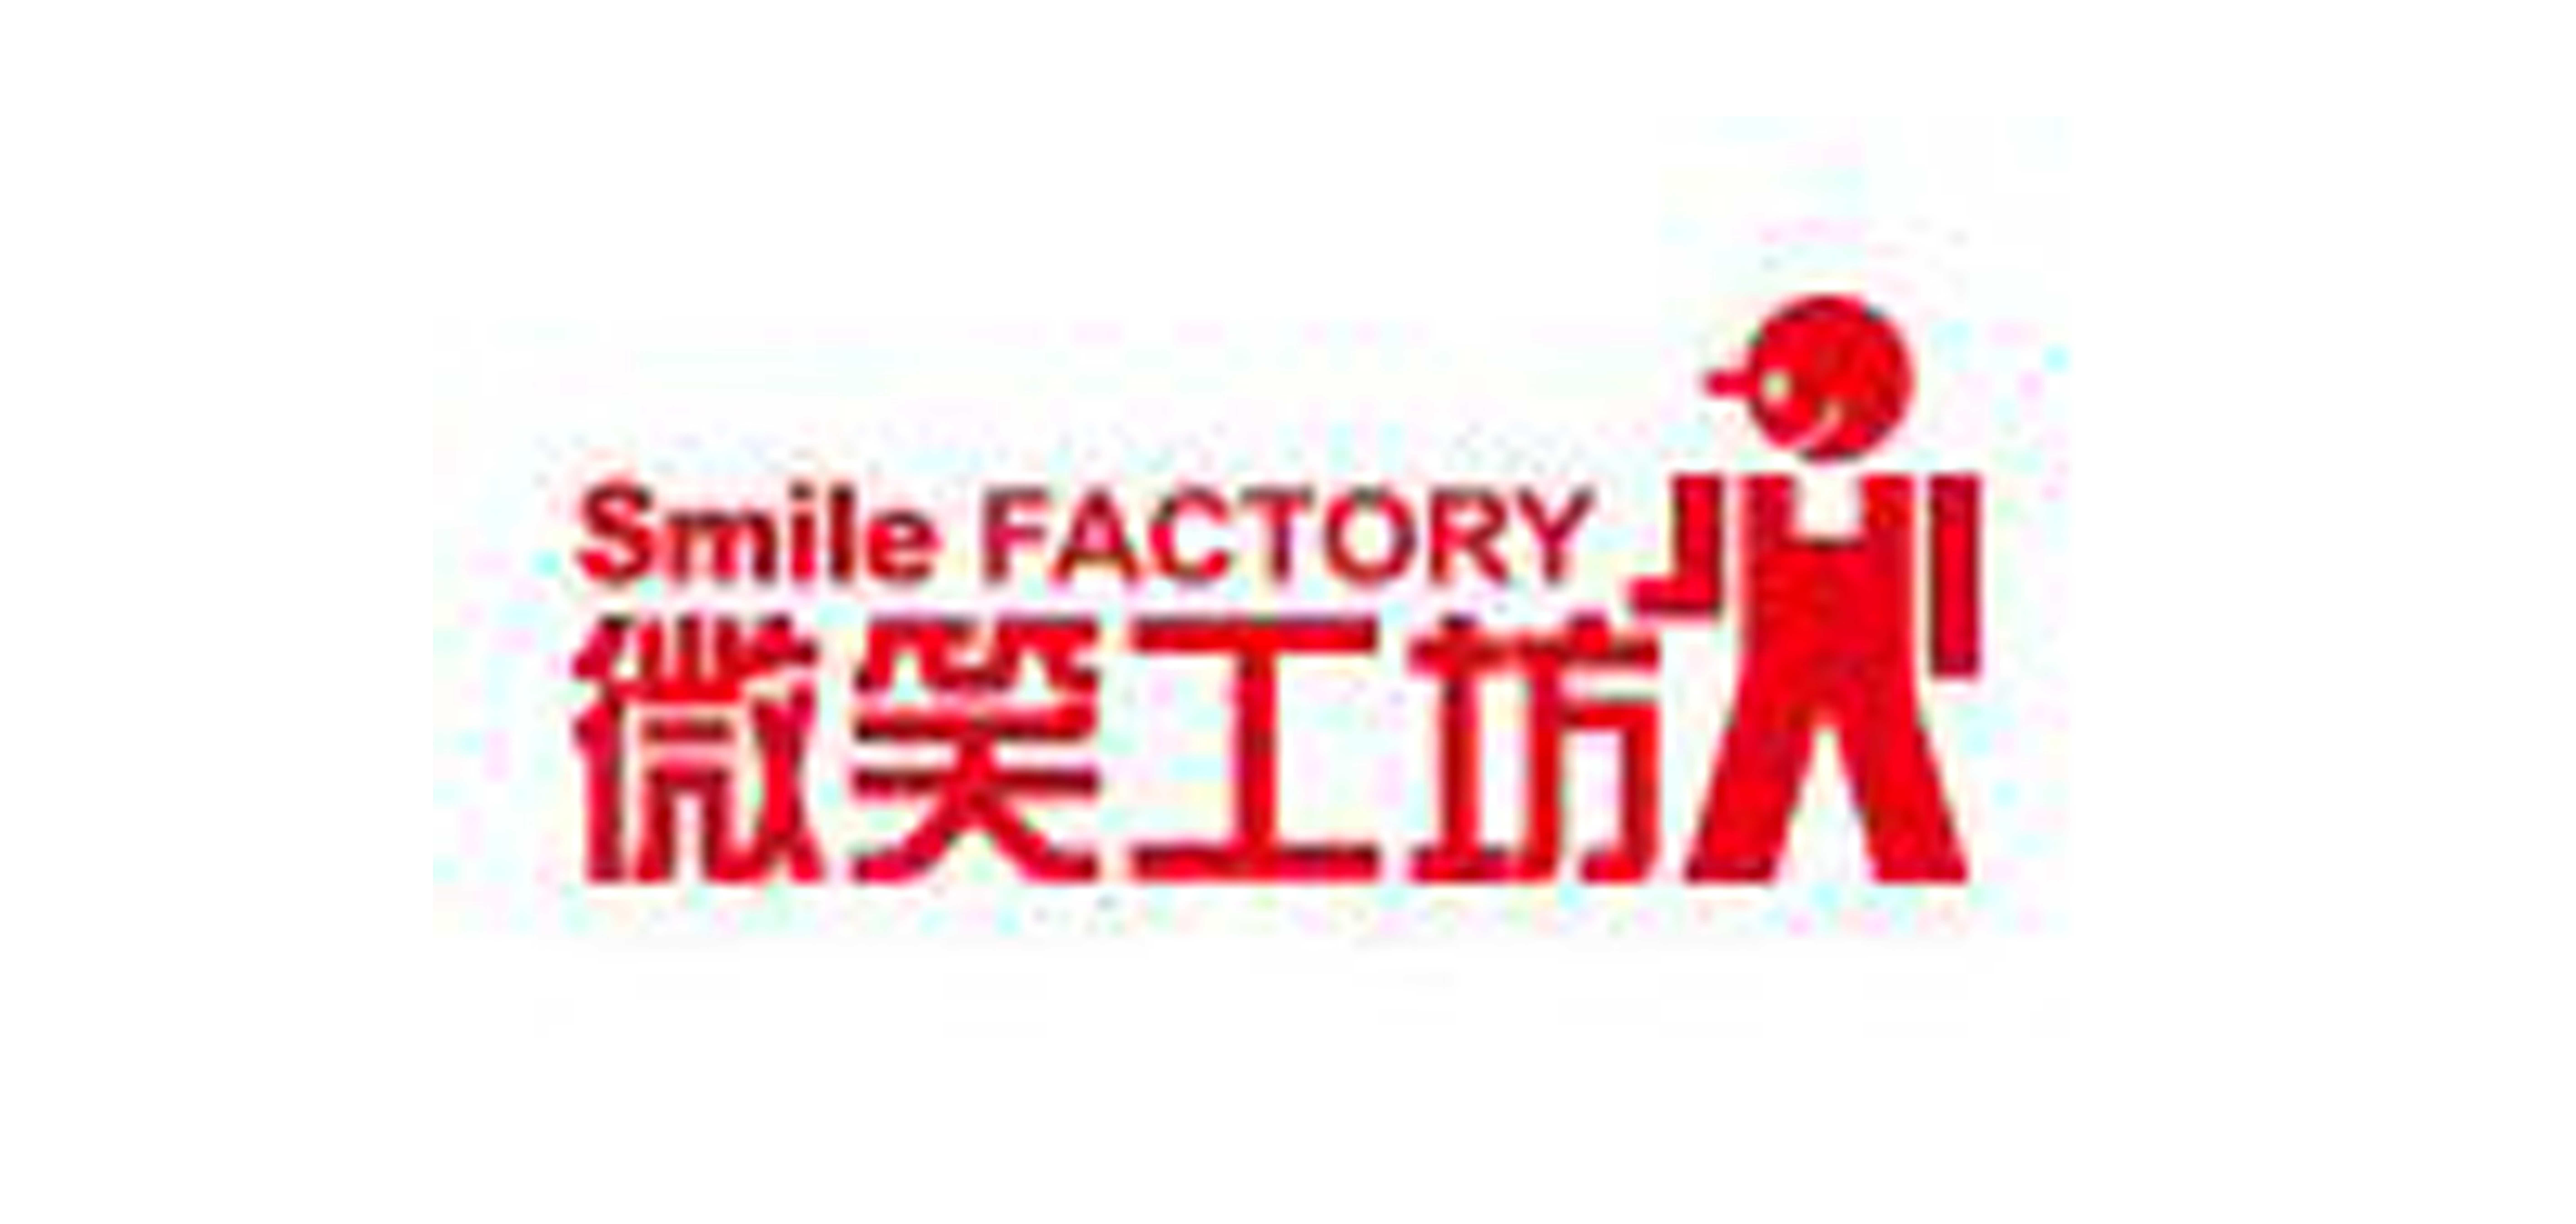 微笑工坊是什么牌子_微笑工坊品牌怎么样?